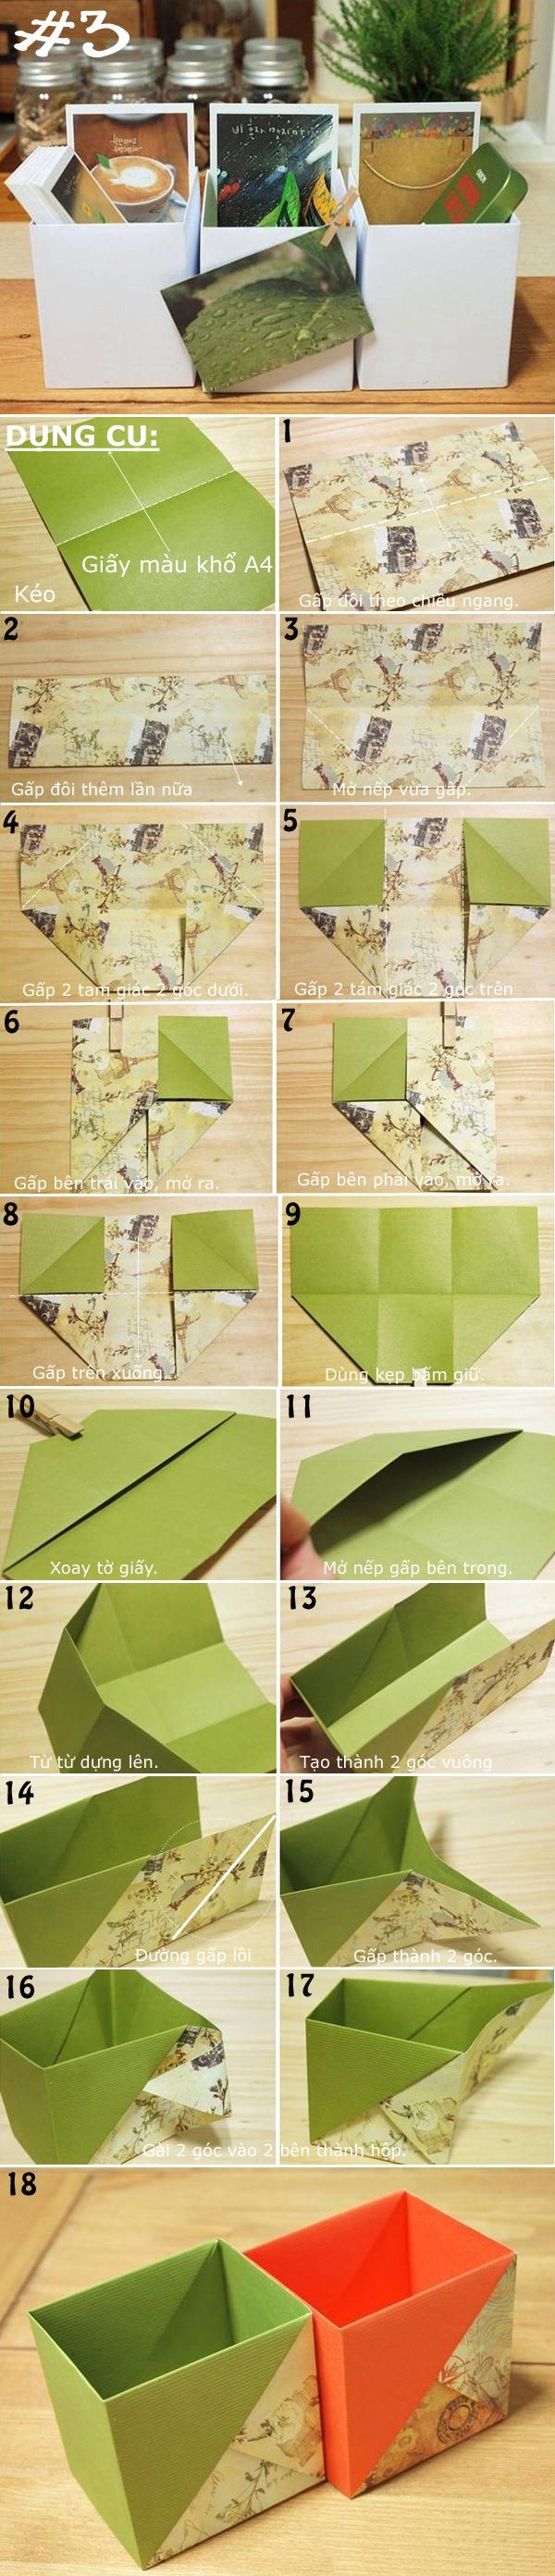 Gấp giấy thành đủ kiểu hộp đựng đồ hữu ích 3